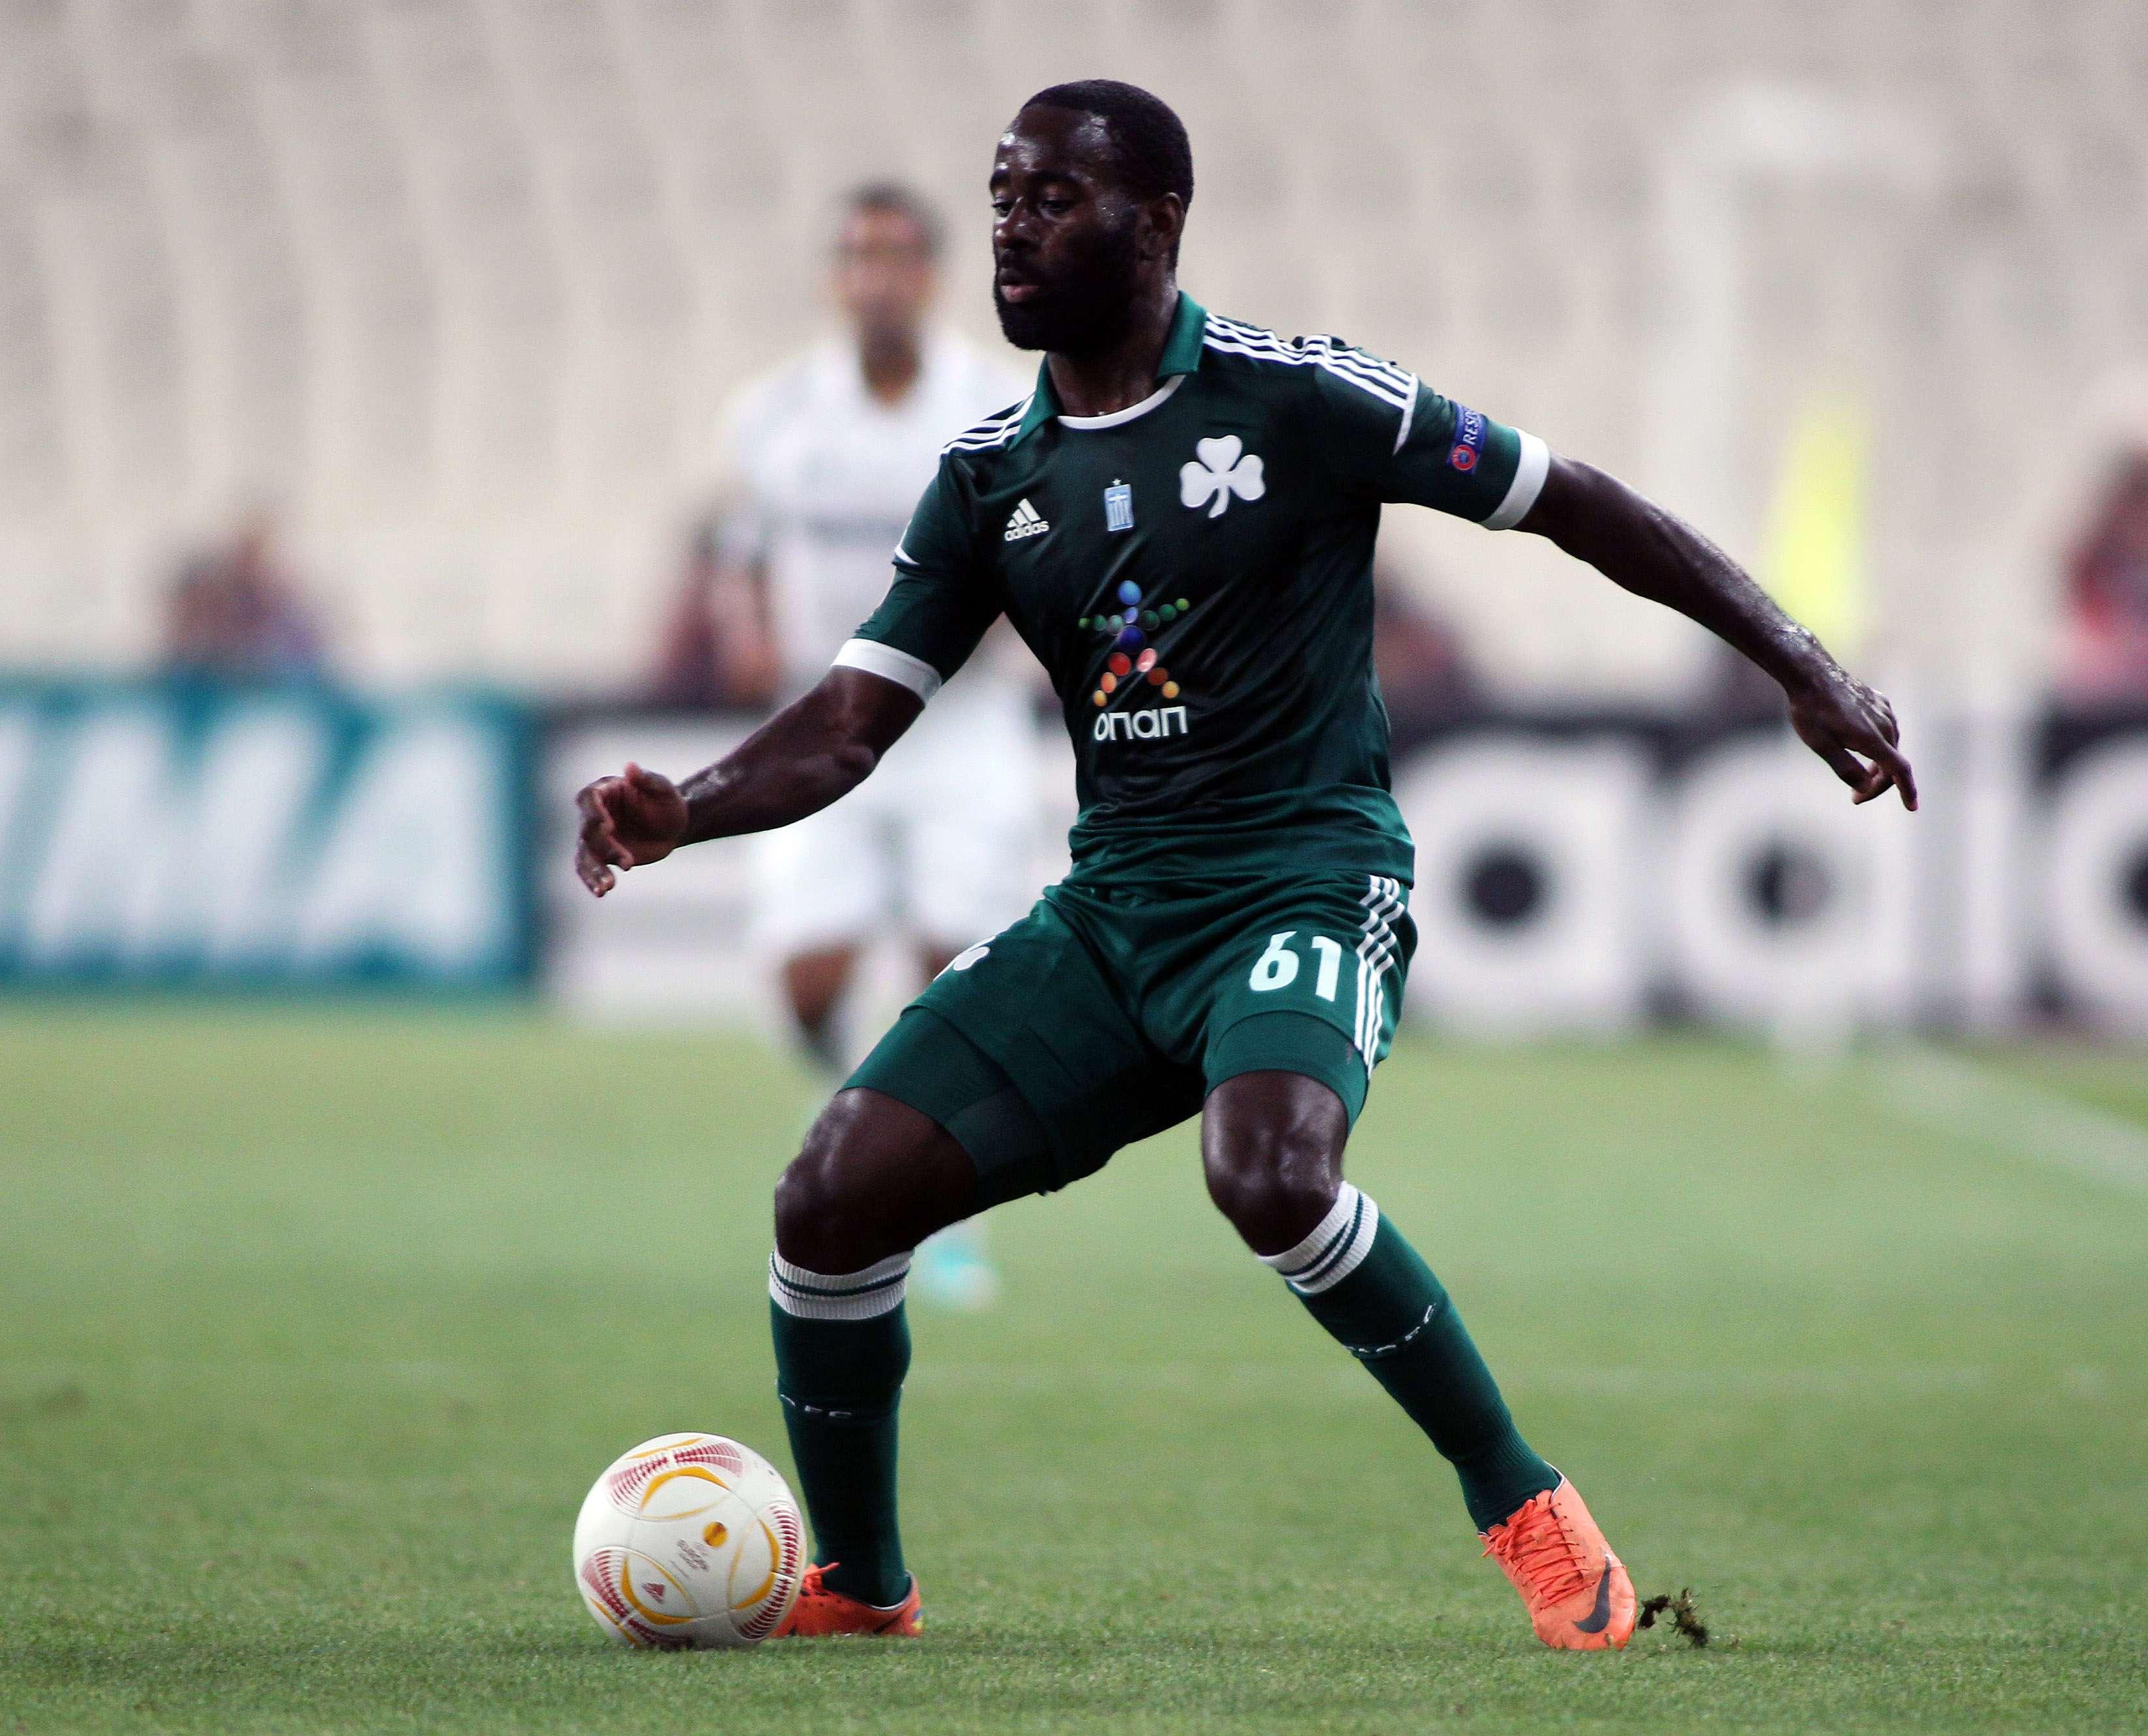 El Valladolid prueba a Quincy Owusu-Abeyie